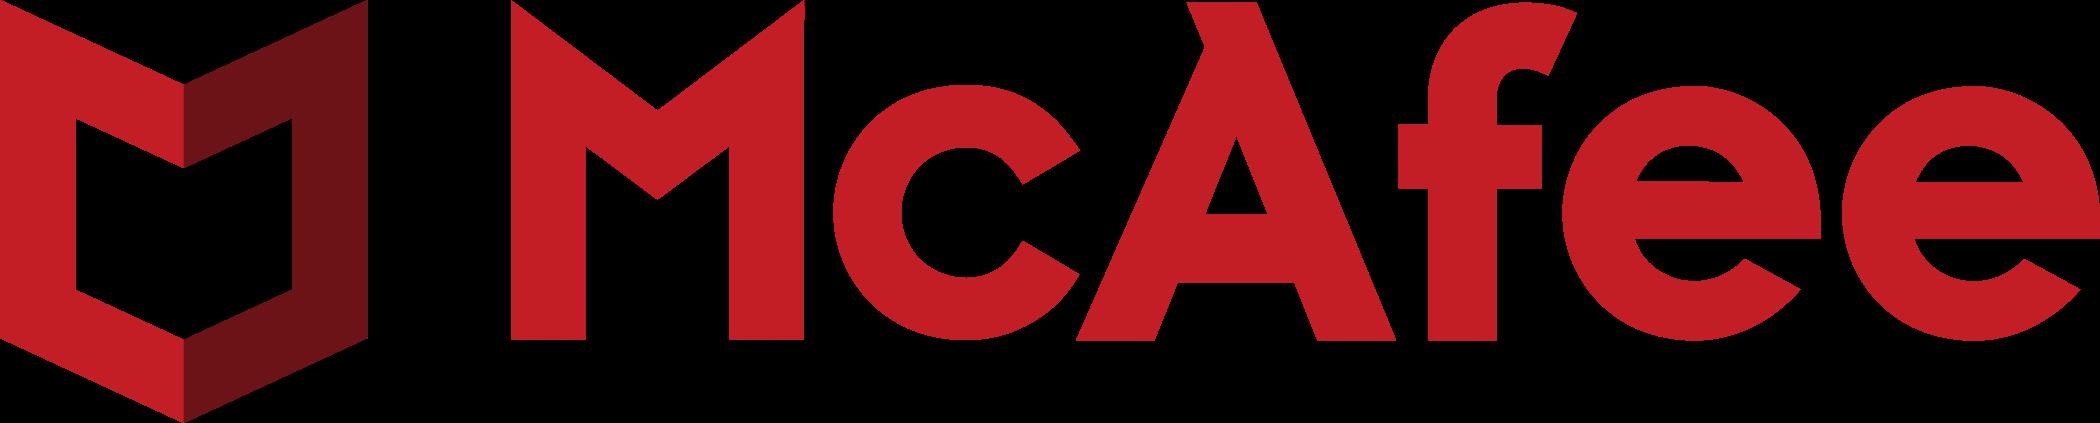 mcafee logo 1 - McAfee Logo